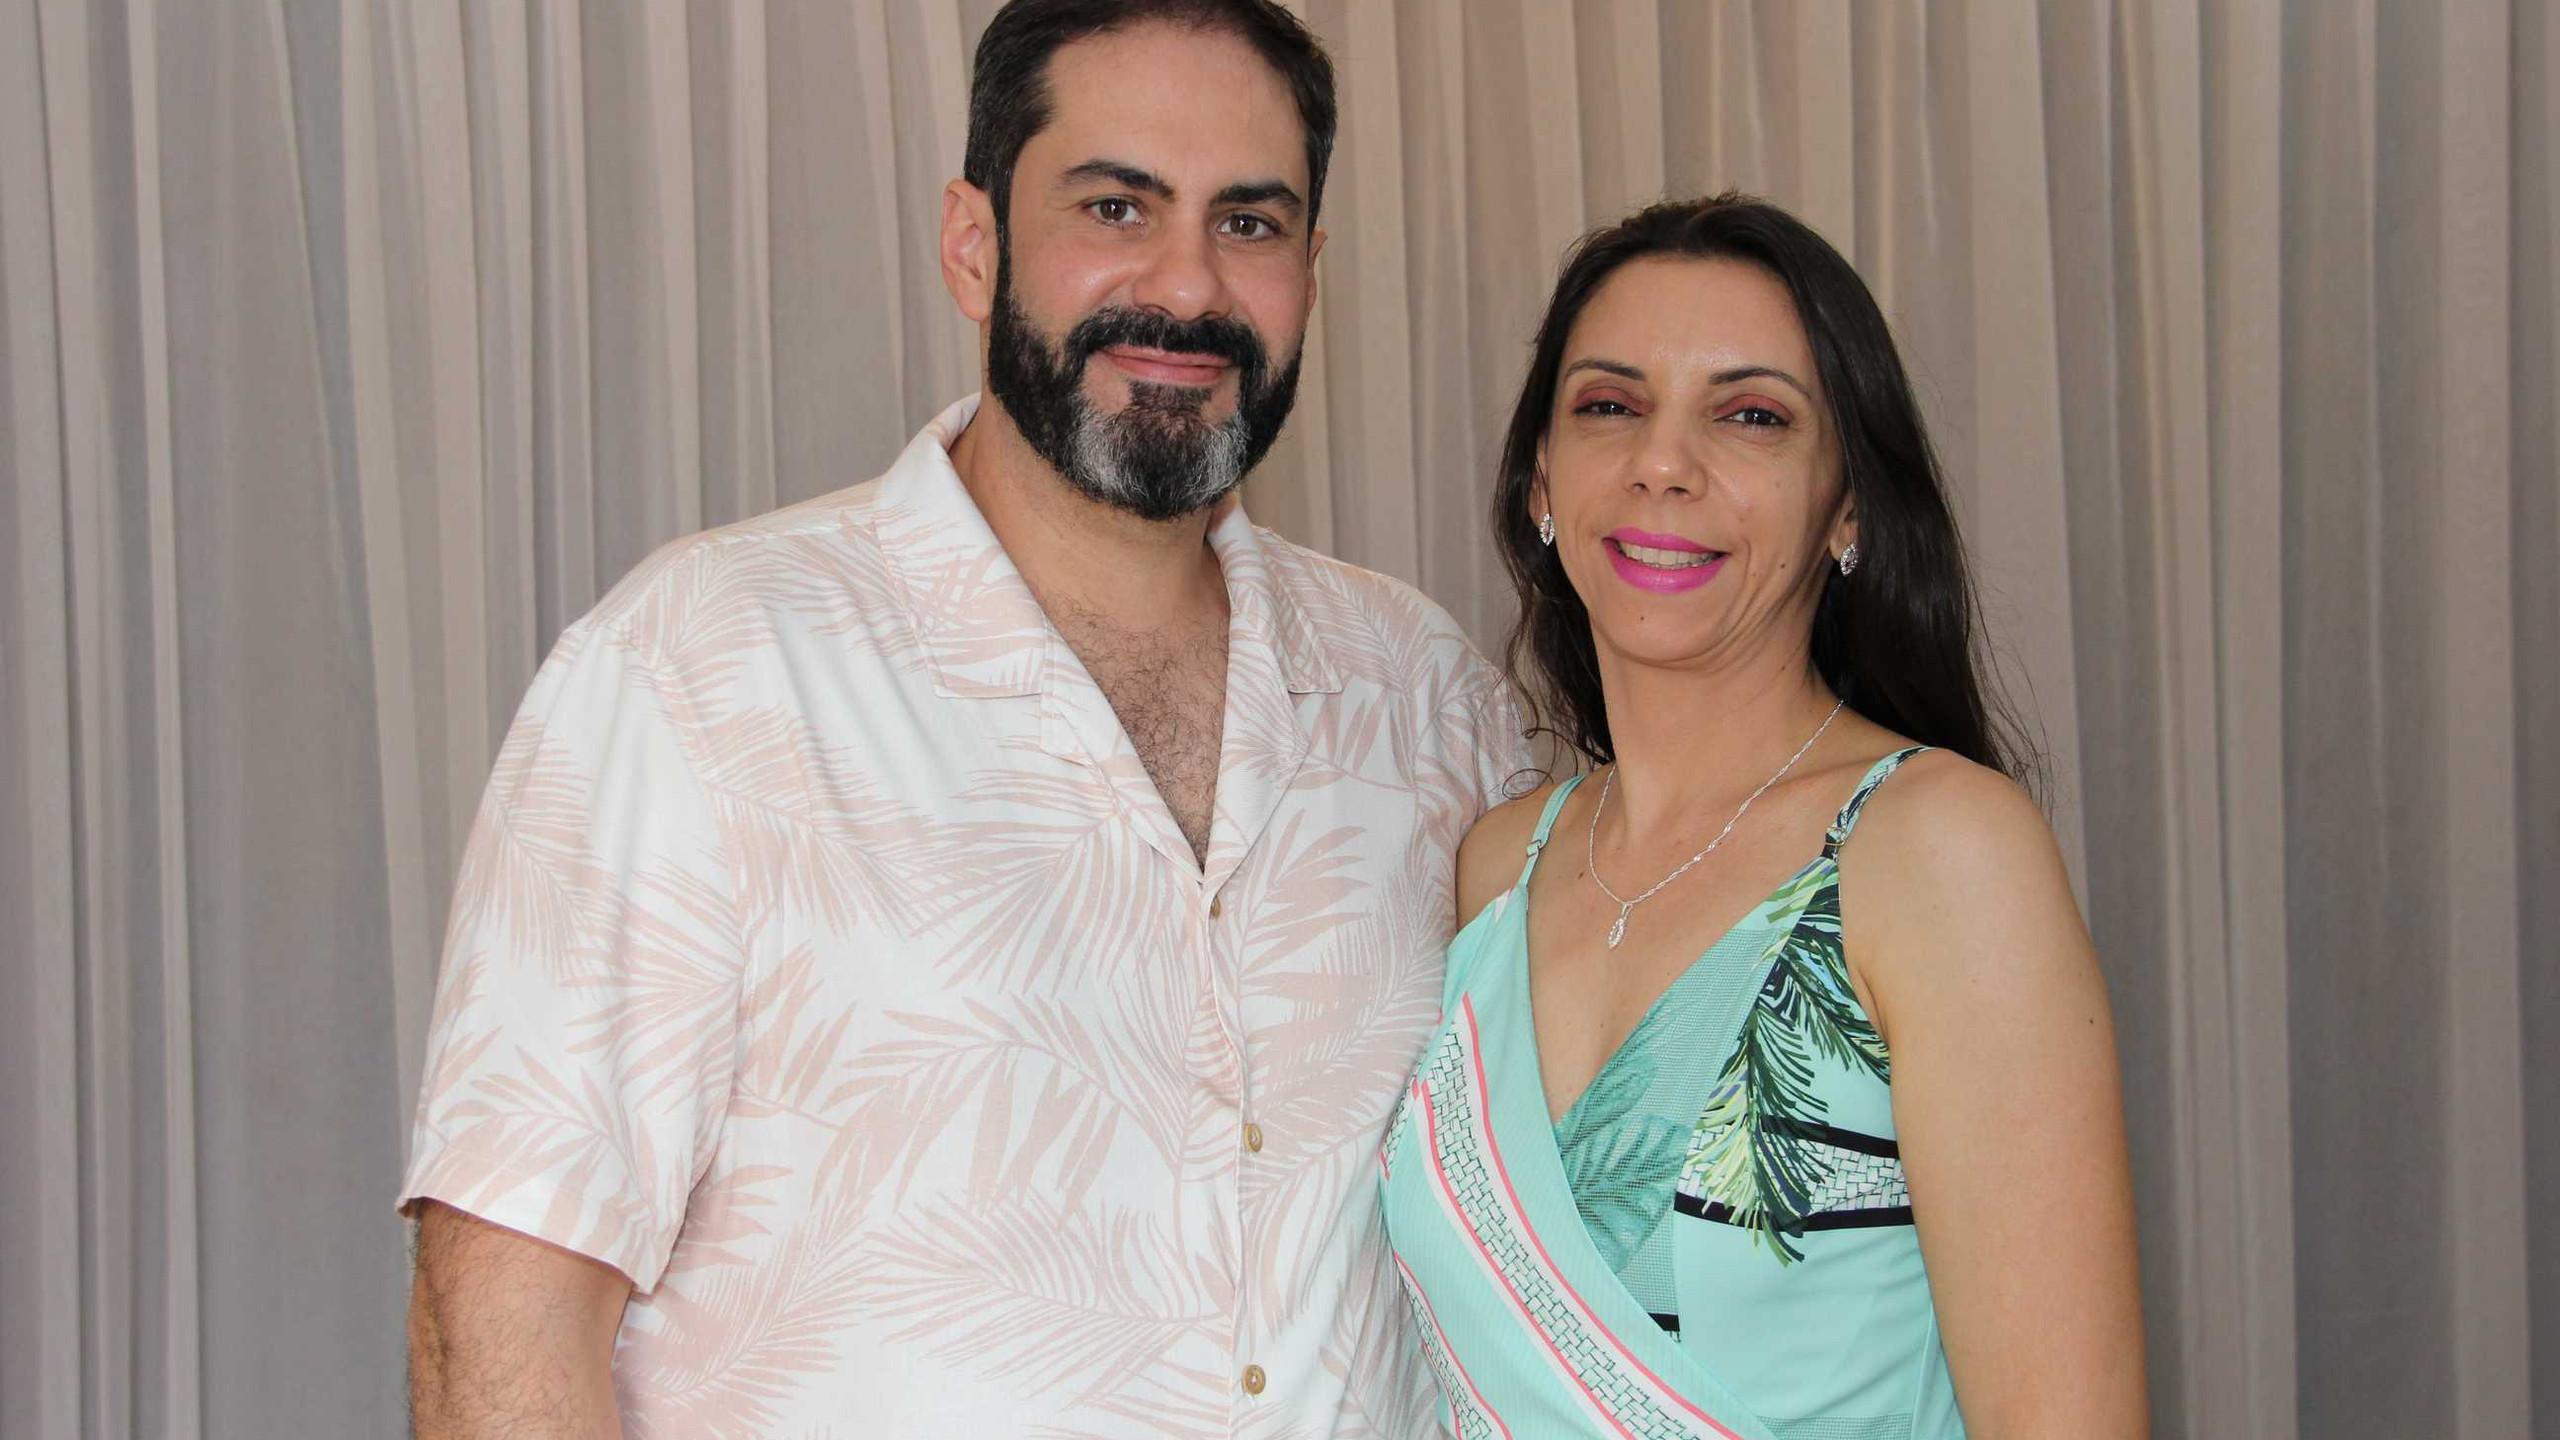 Jeferson Bandeira e a esposa Sabrina Olitz.